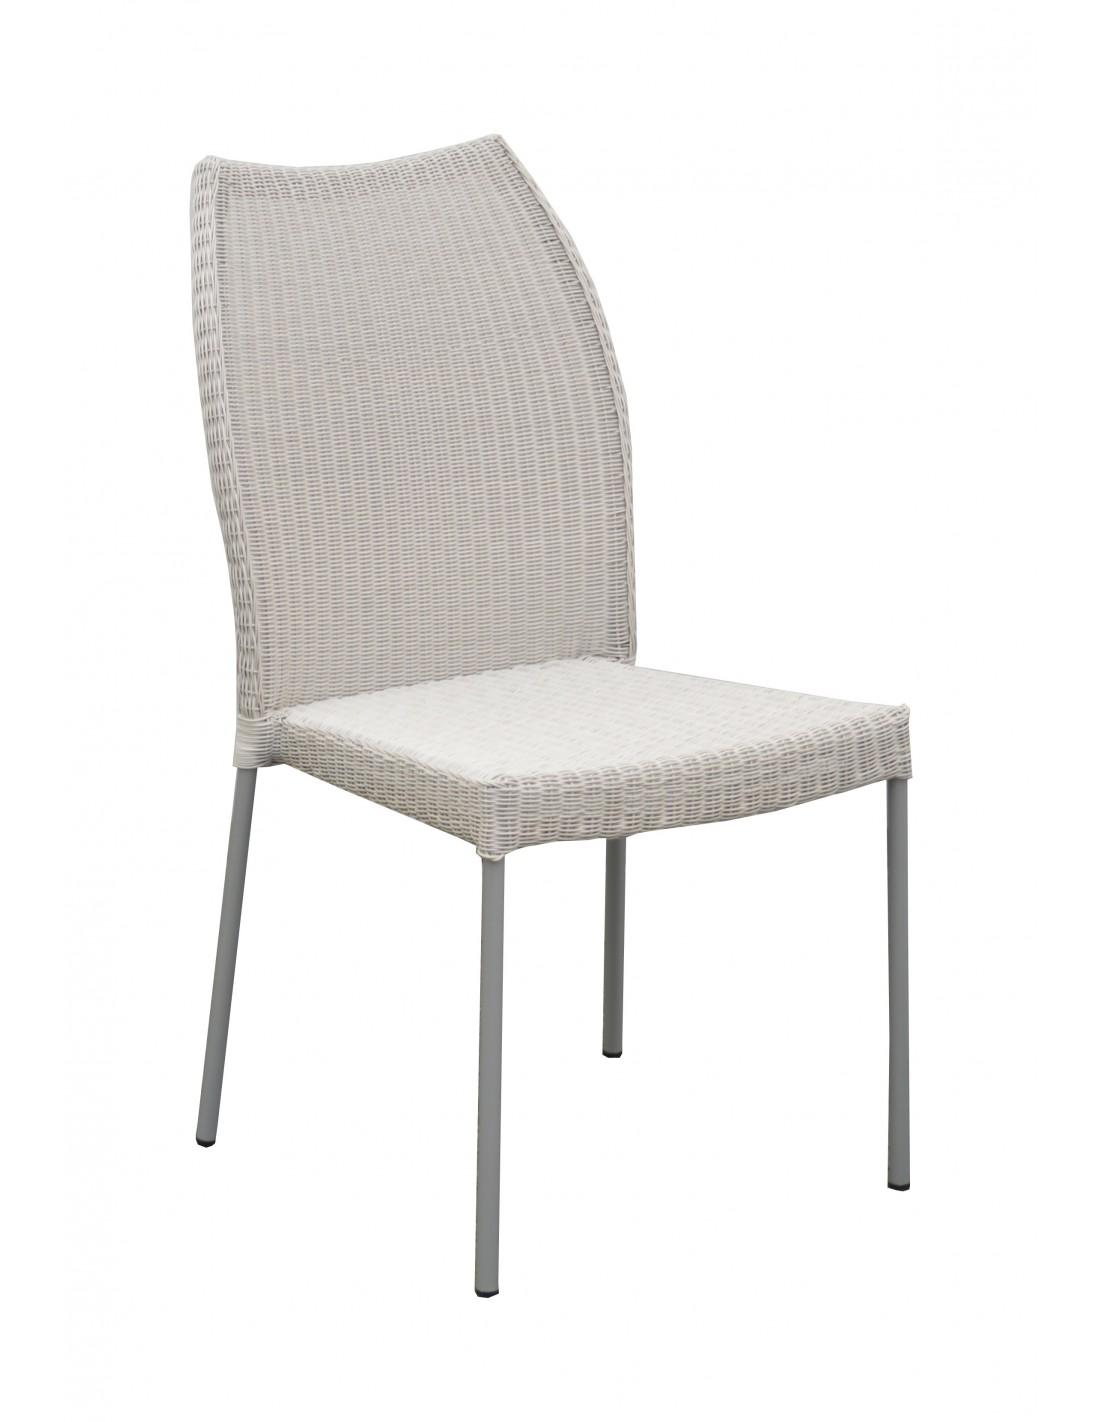 Chaise de jardin angelicaen acier galvanis et r sine oc o - Abri de jardin acier galvanise ...